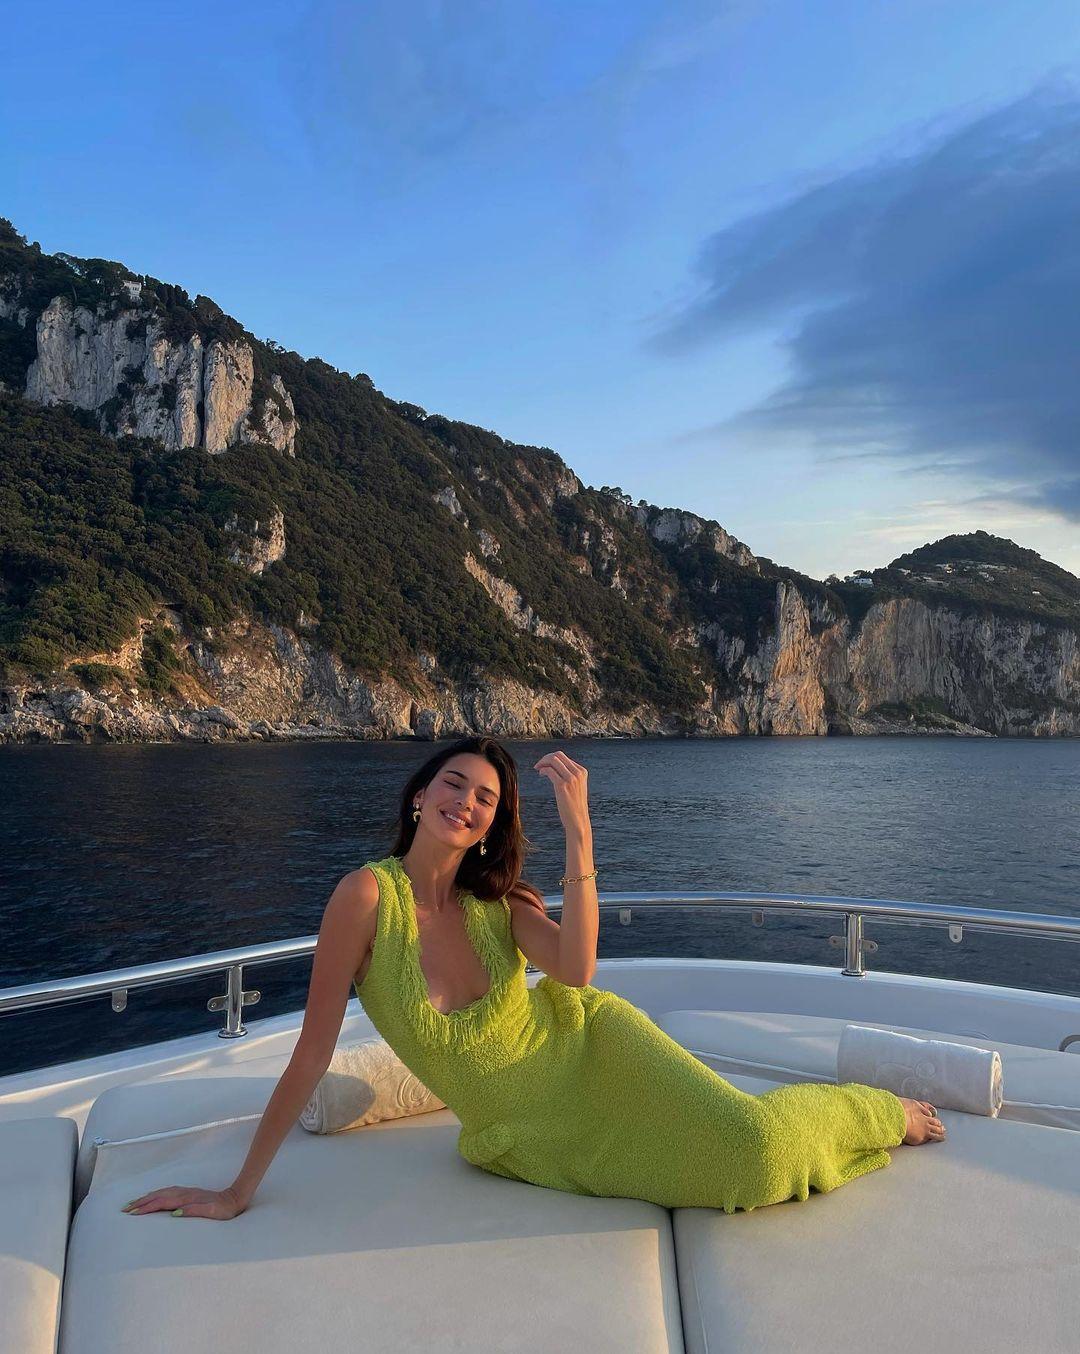 Образ дня: Кендалл Дженнер отдыхает на яхте в платье Bottega Veneta